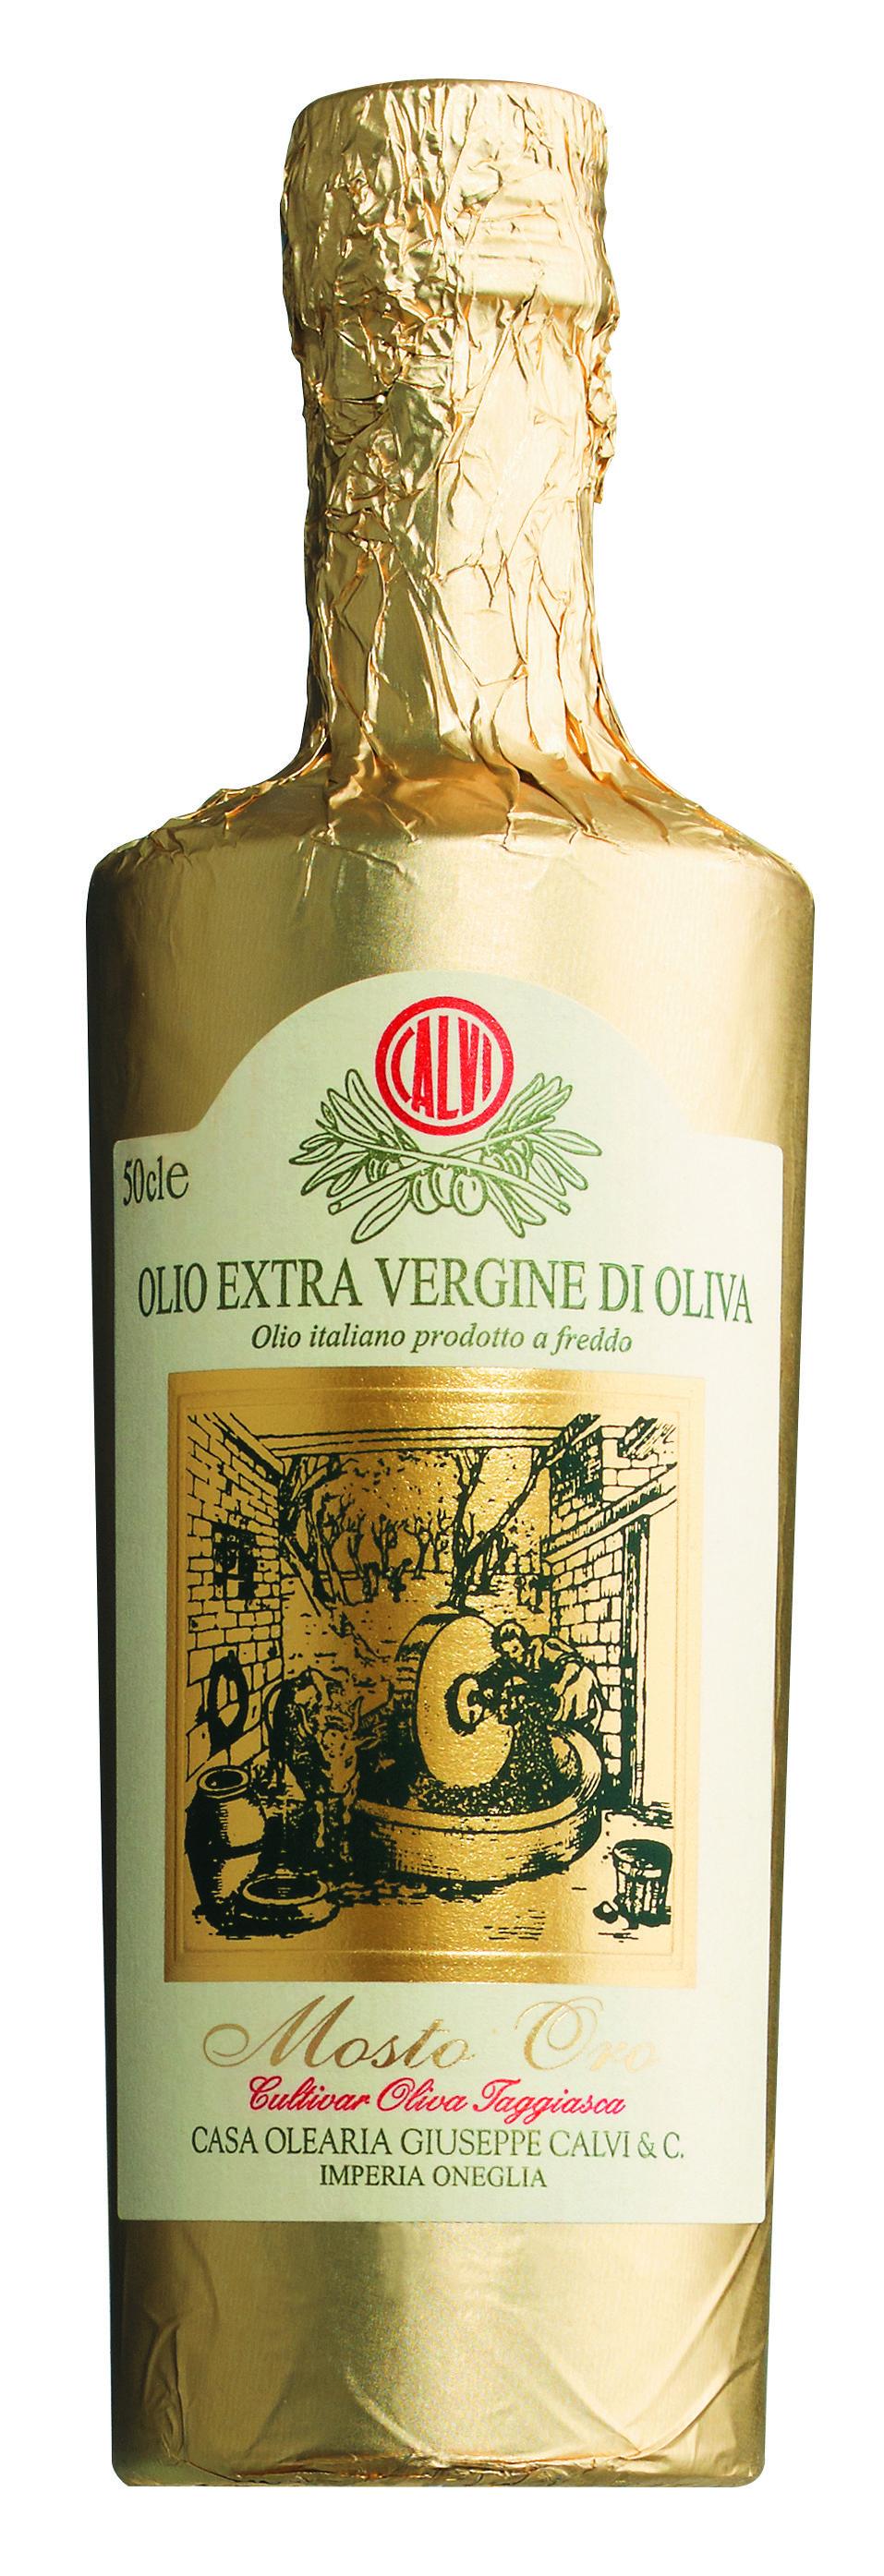 Das Vorzeigeöl aus Ligurien, Italien von Calvi ist das Mosto Oro, ein sortenreines natives Olivenöl extra aus spät geernteten Taggiasca – Oliven, alles andere als ein gewöhnliches Speiseöl.